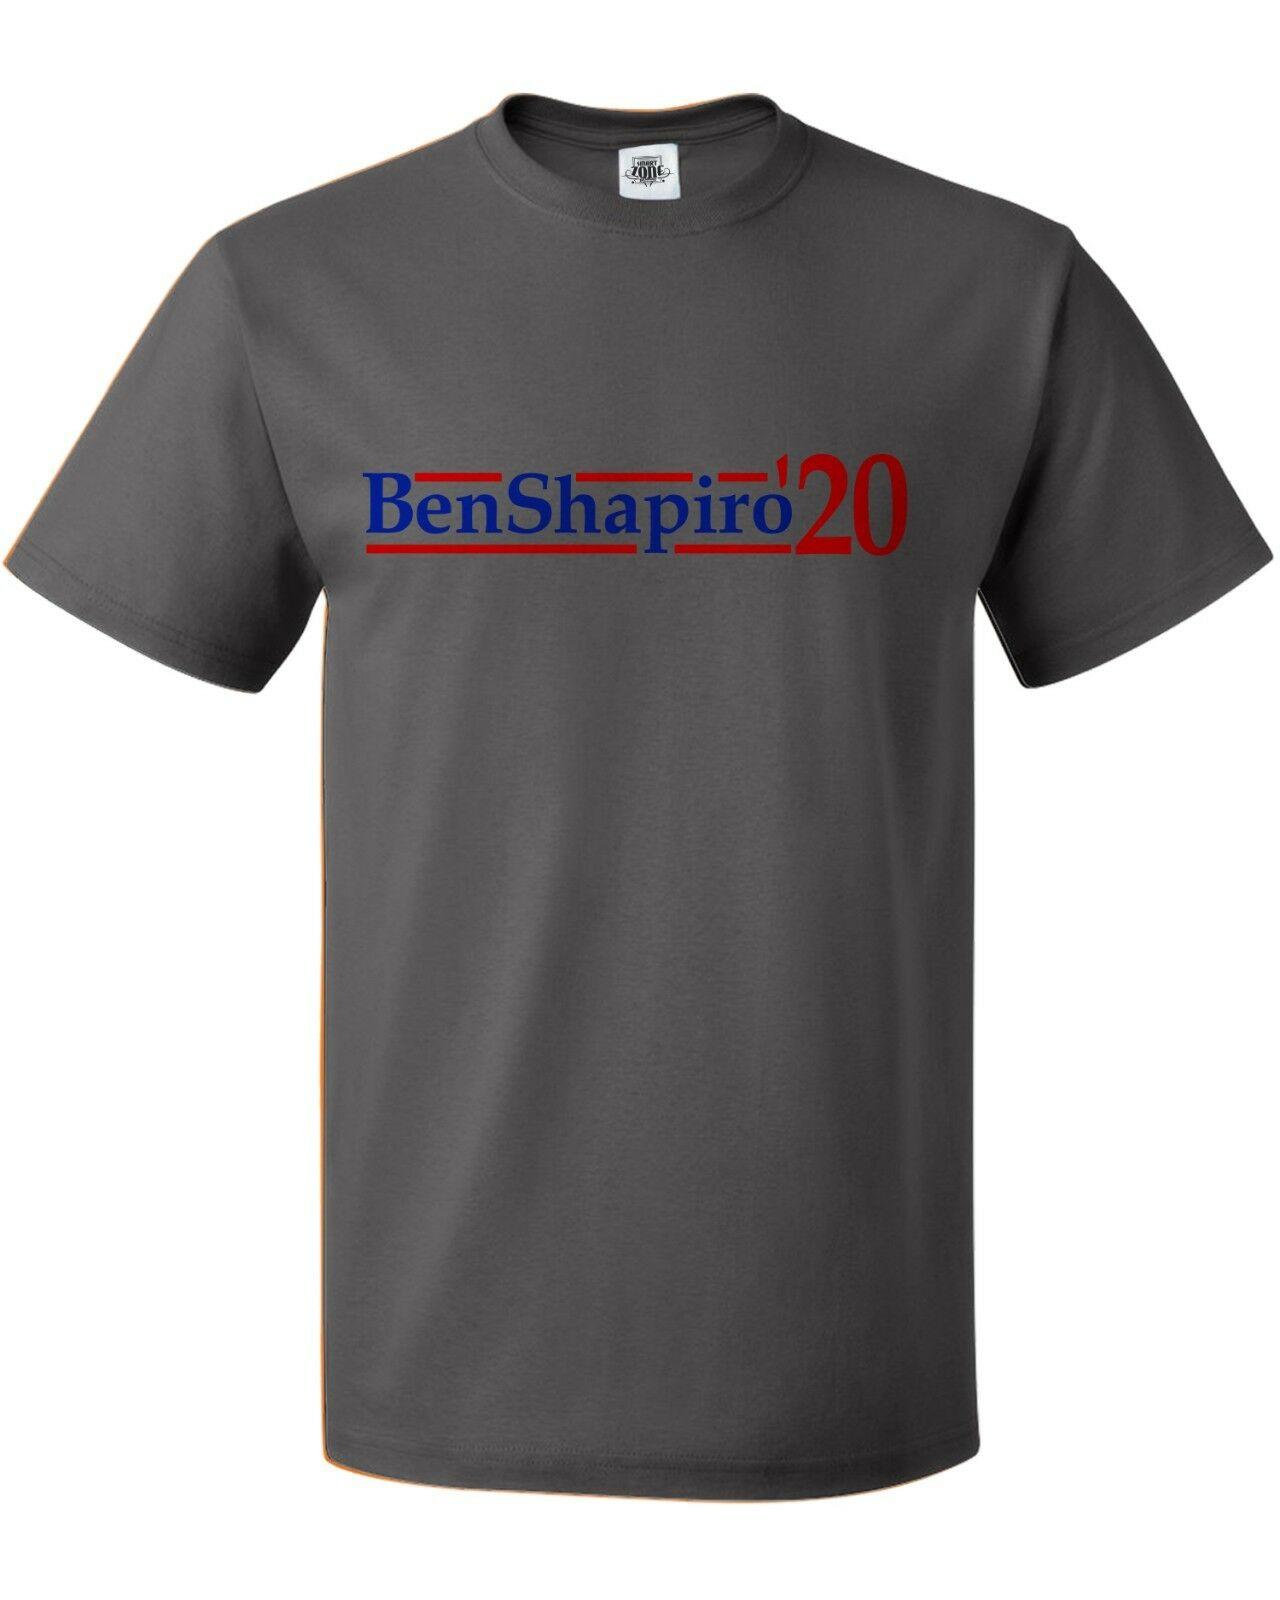 5dc211a889e0 Ben Shapiro para el presidente 2020 hombres y jóvenes camiseta